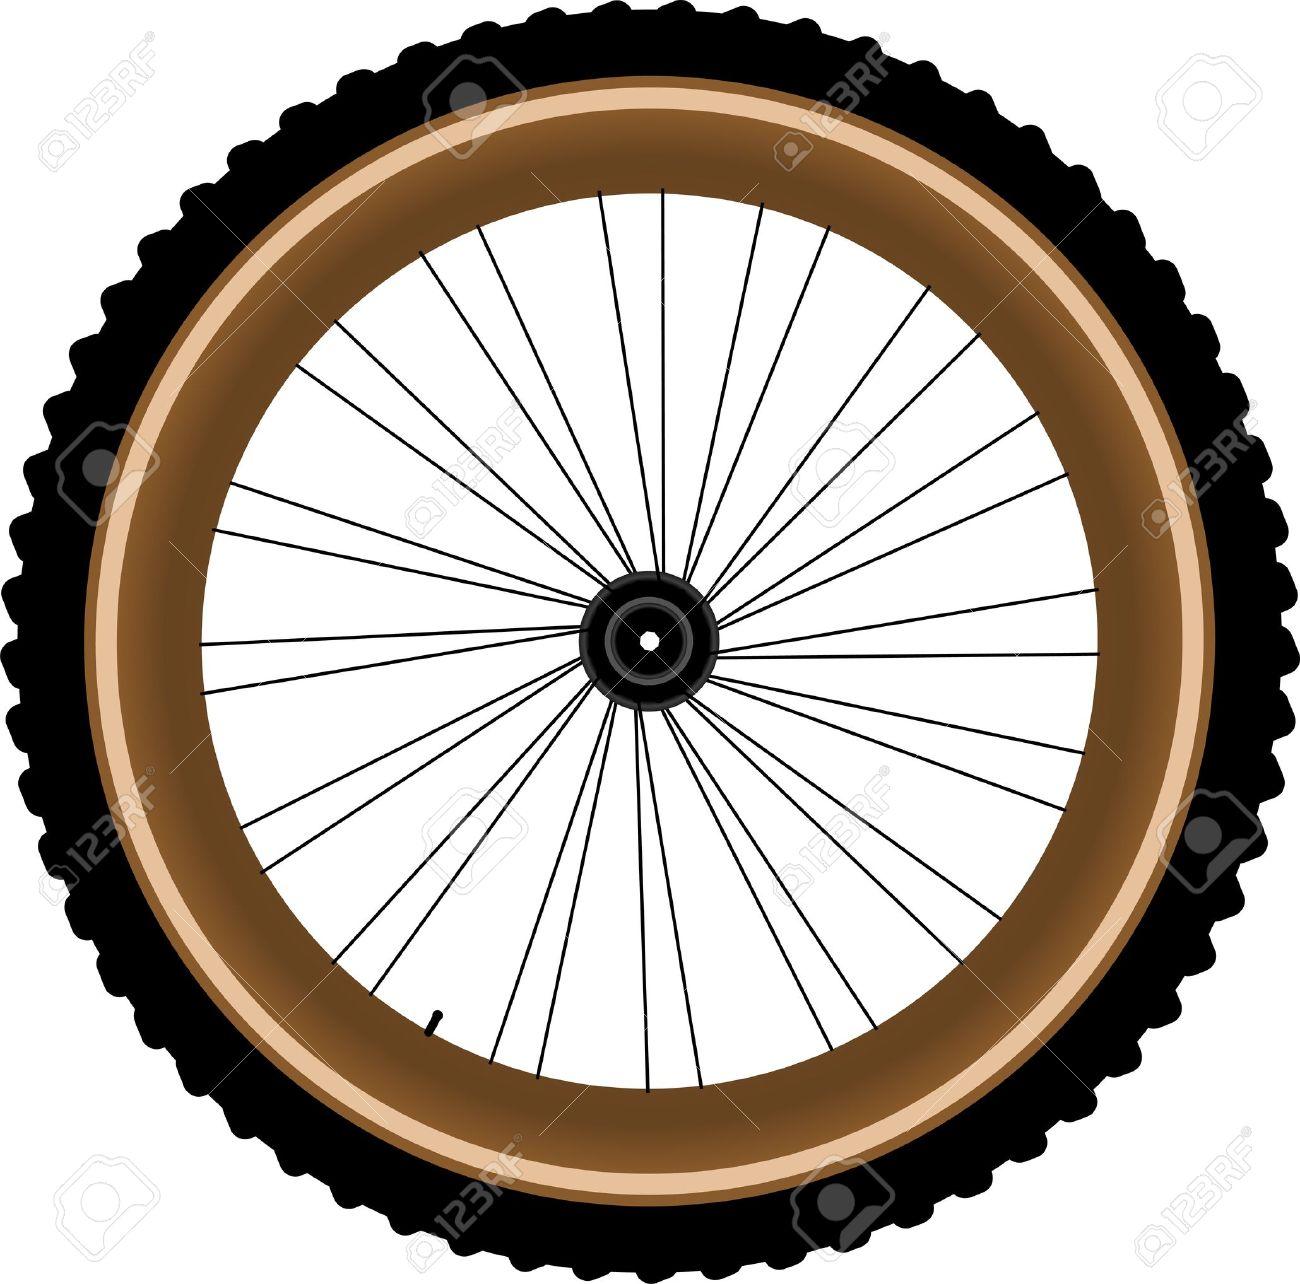 Bicicleta Front portaequipajes rueda delantera con suelo de madera hollandrad cargas vigas delante